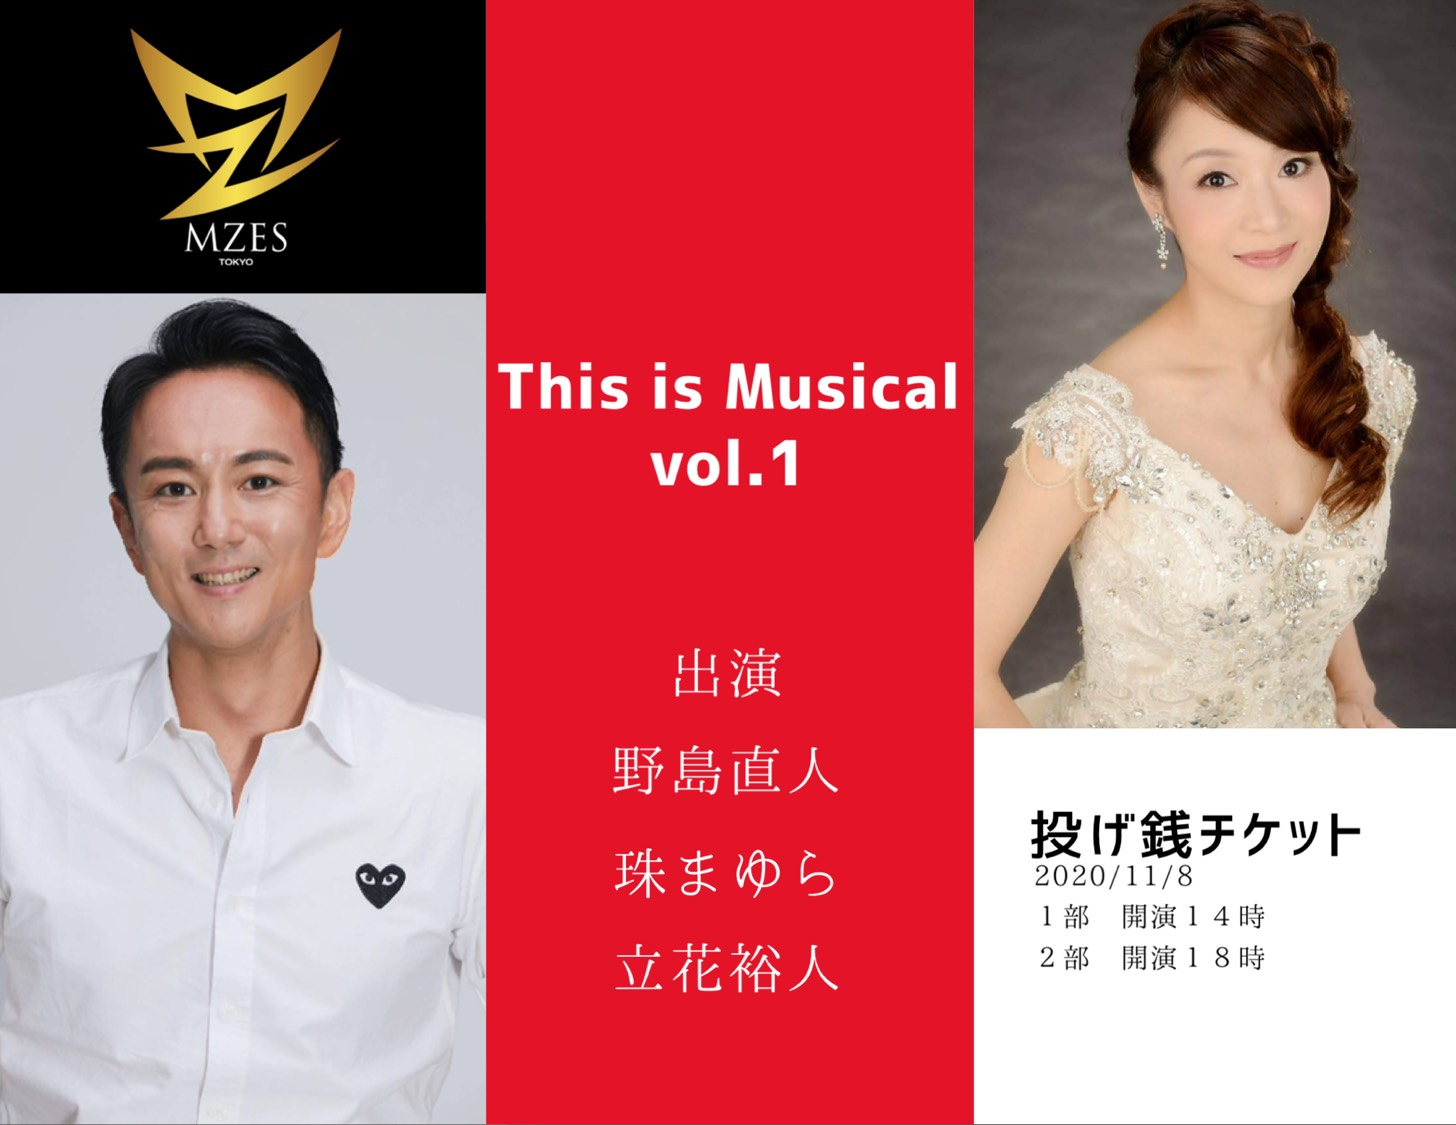 【投げ銭】This Is Musical vol.1 出演 野島直人 珠まゆら 立花裕人